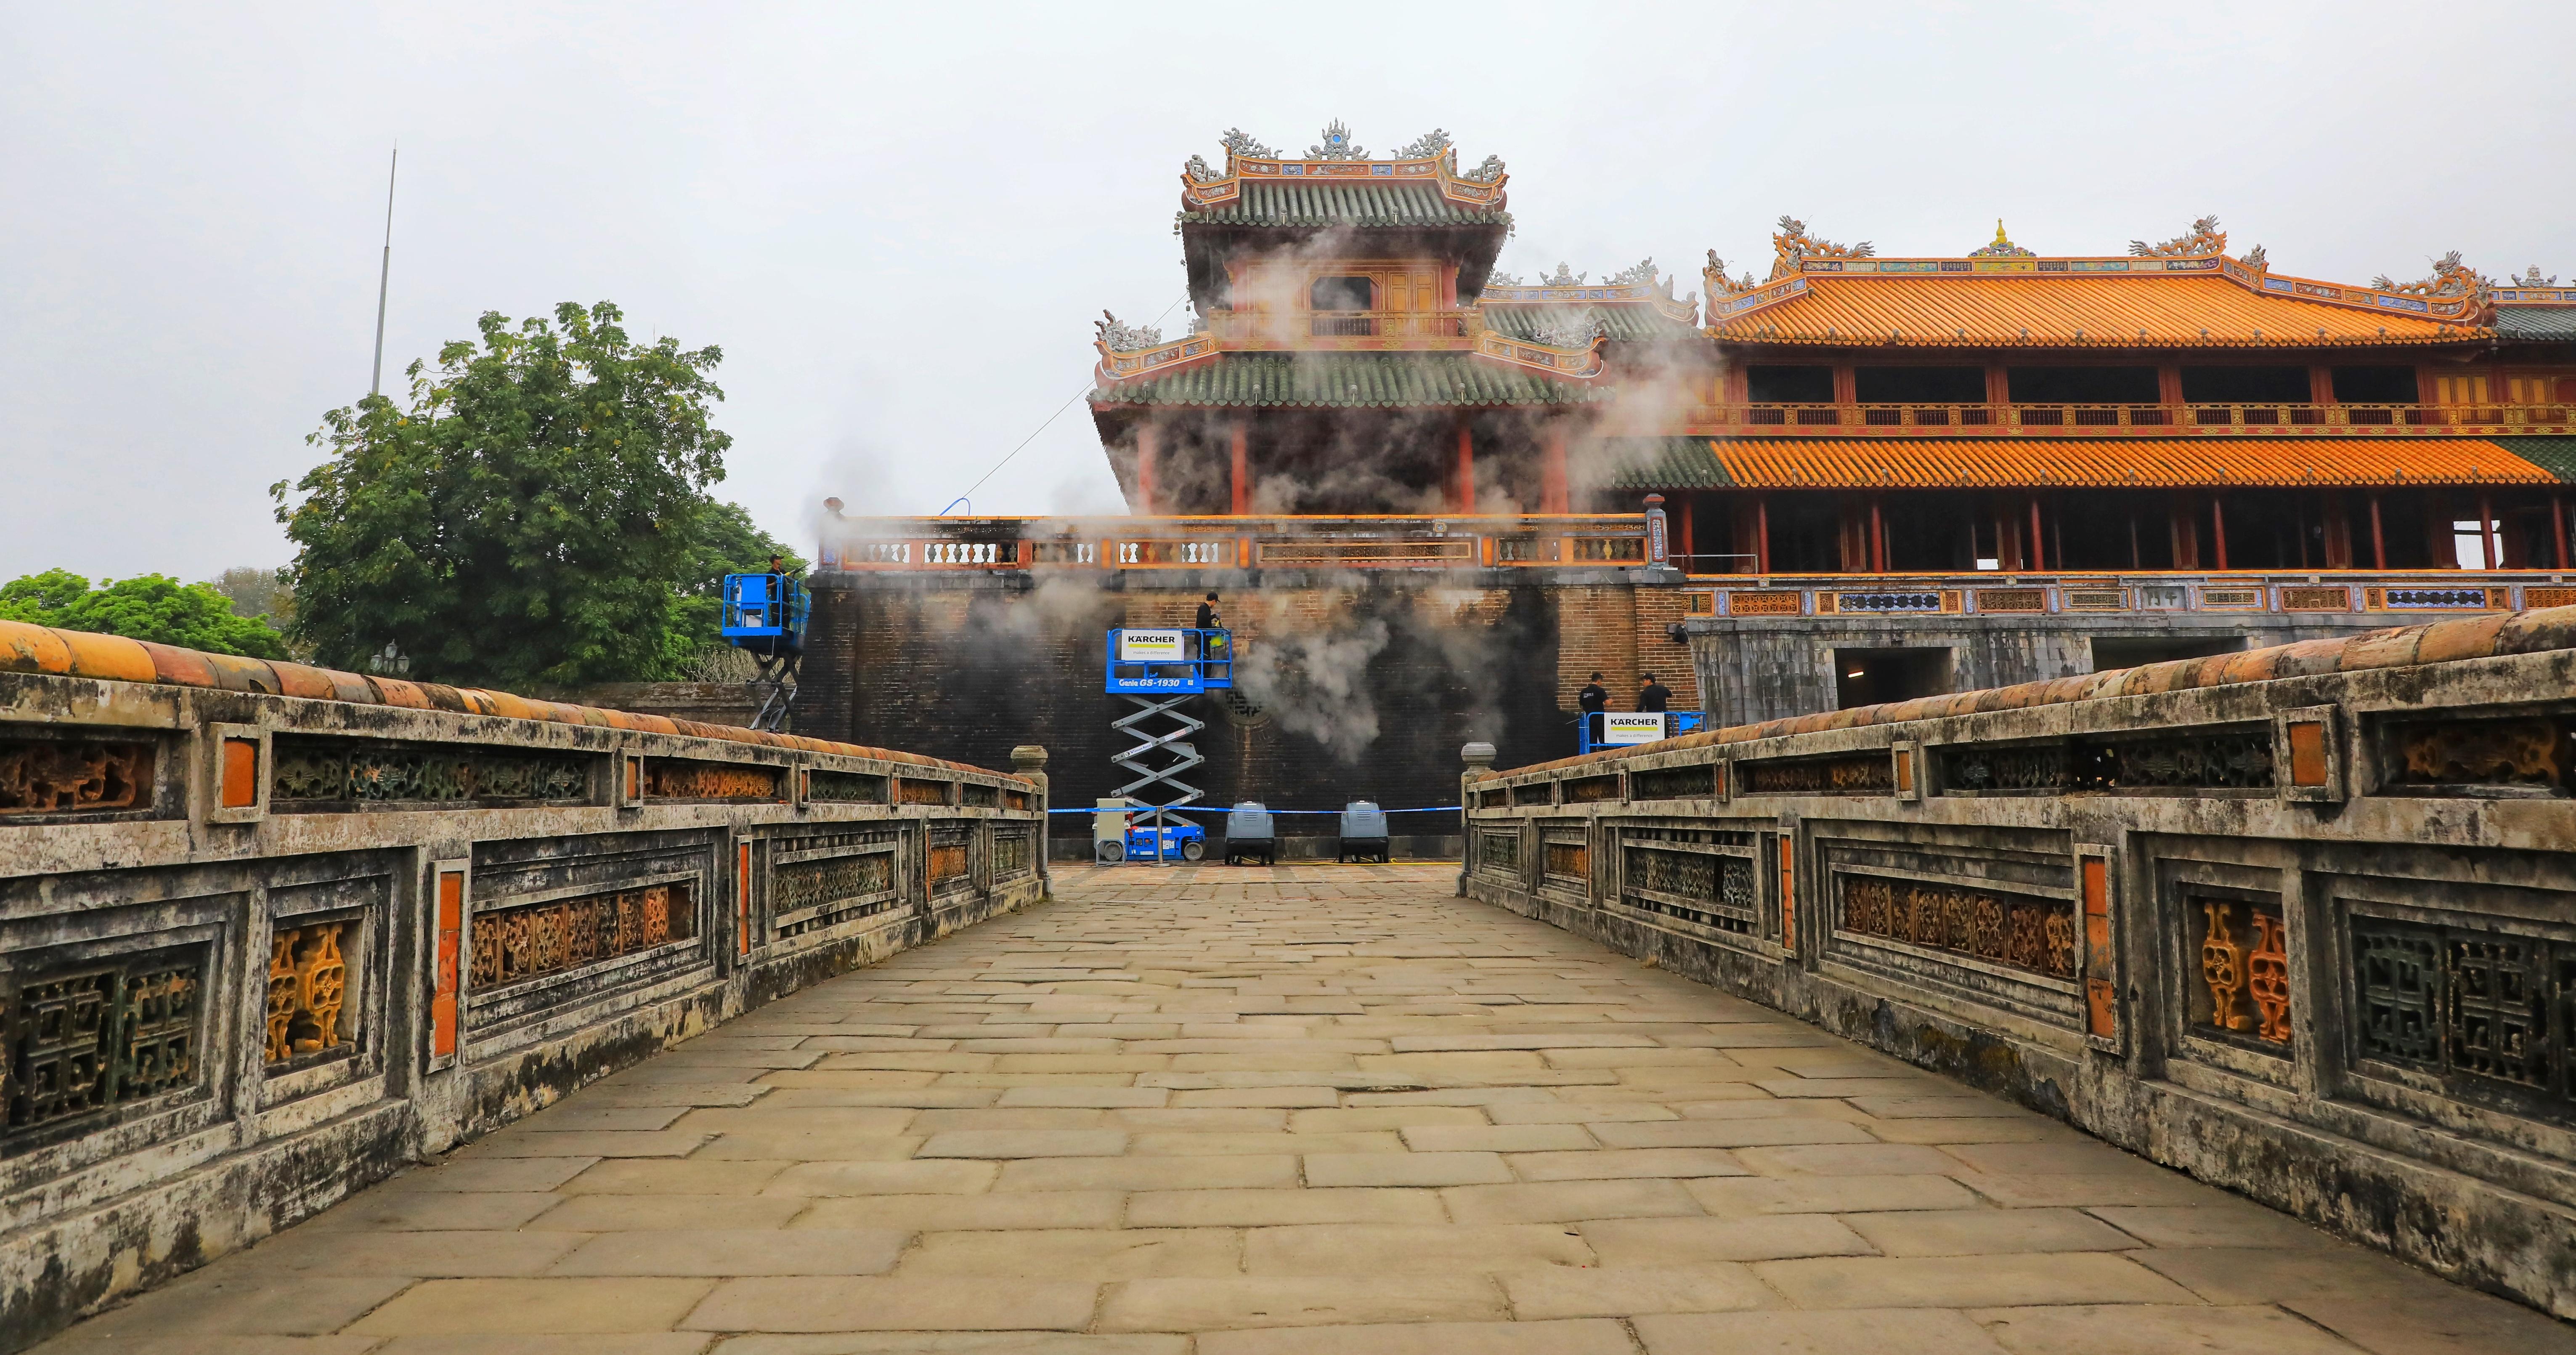 Kaercher Reinigungsaktion Vietnam 5 - Kärcher trägt zum Erhalt von Kulturstätte in Vietnam bei